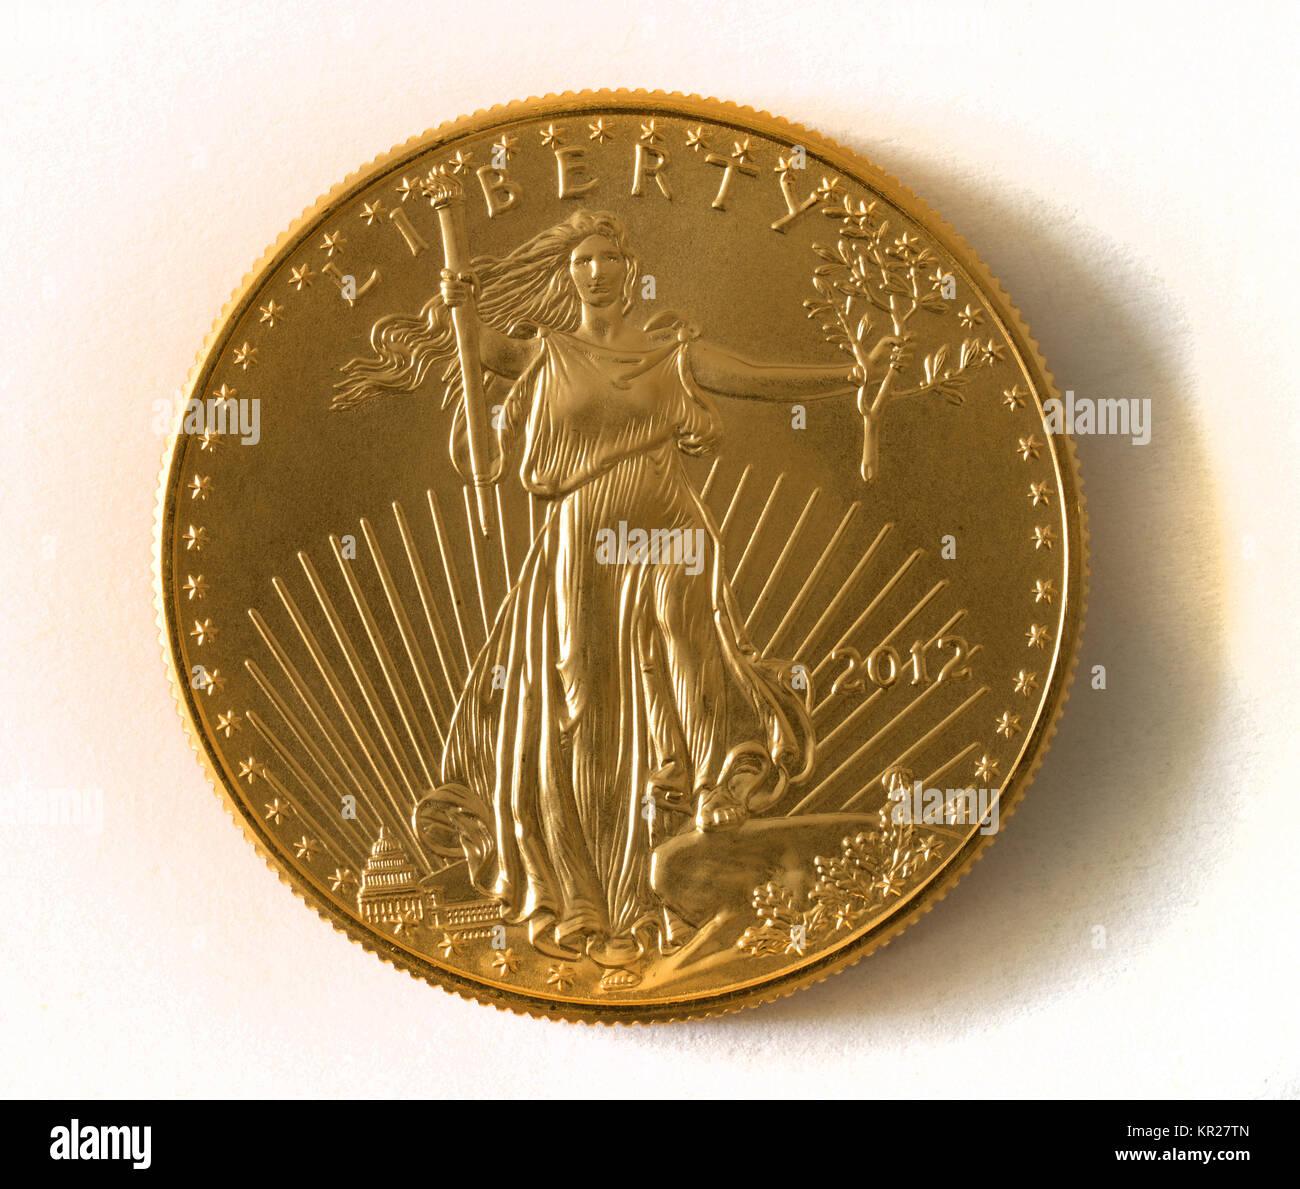 1 Unze American Eagle Goldene Münze 1 Unze Goldmuenze Stockfoto